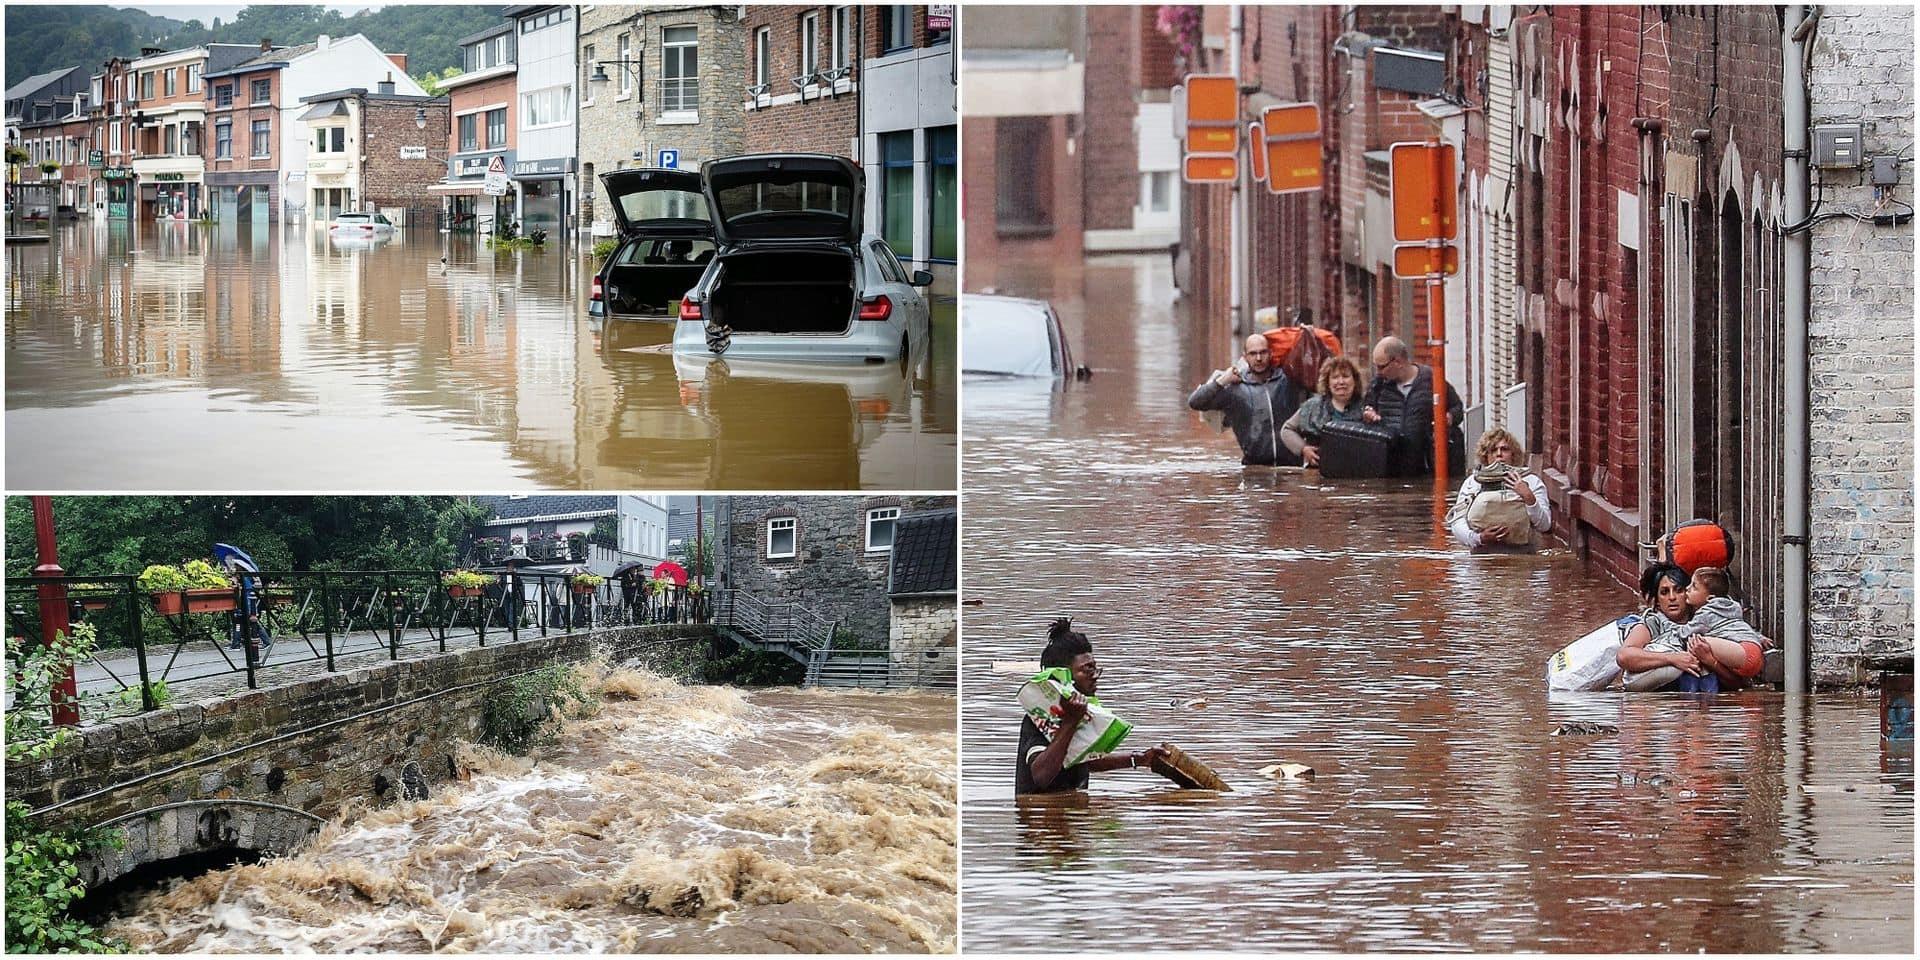 Chronologie d'une catastrophe : ce qu'on sait et ce qu'on ignore des inondations meurtrières qui ont frappé la Wallonie